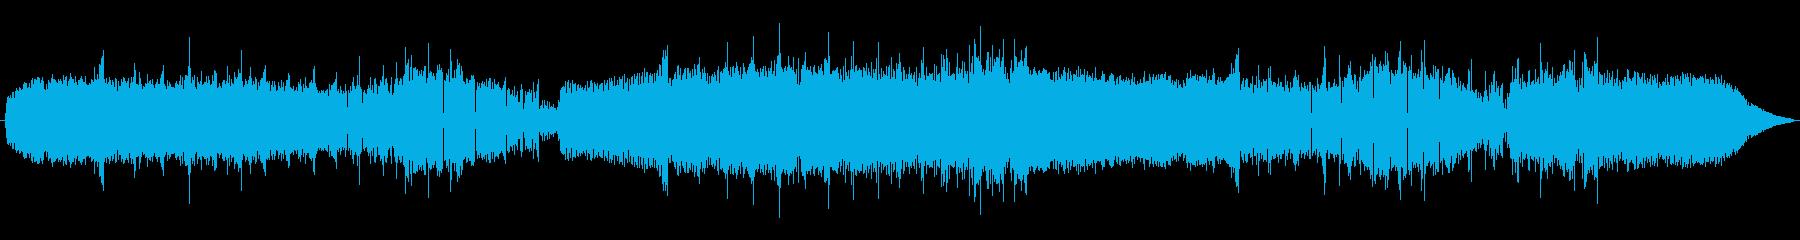 アブラゼミとツクツクボウシの鳴き声の再生済みの波形